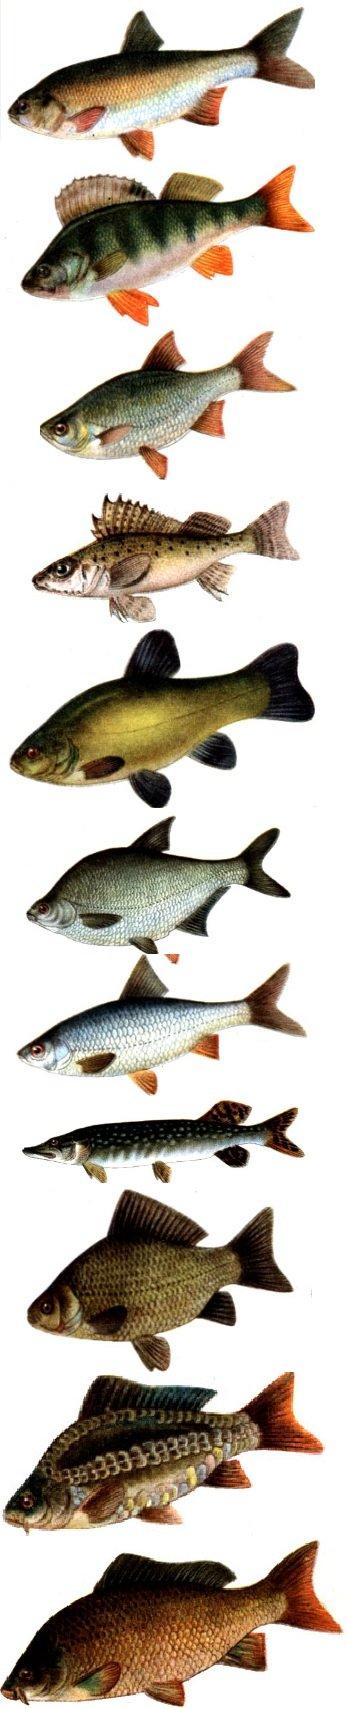 виды рыб плотва